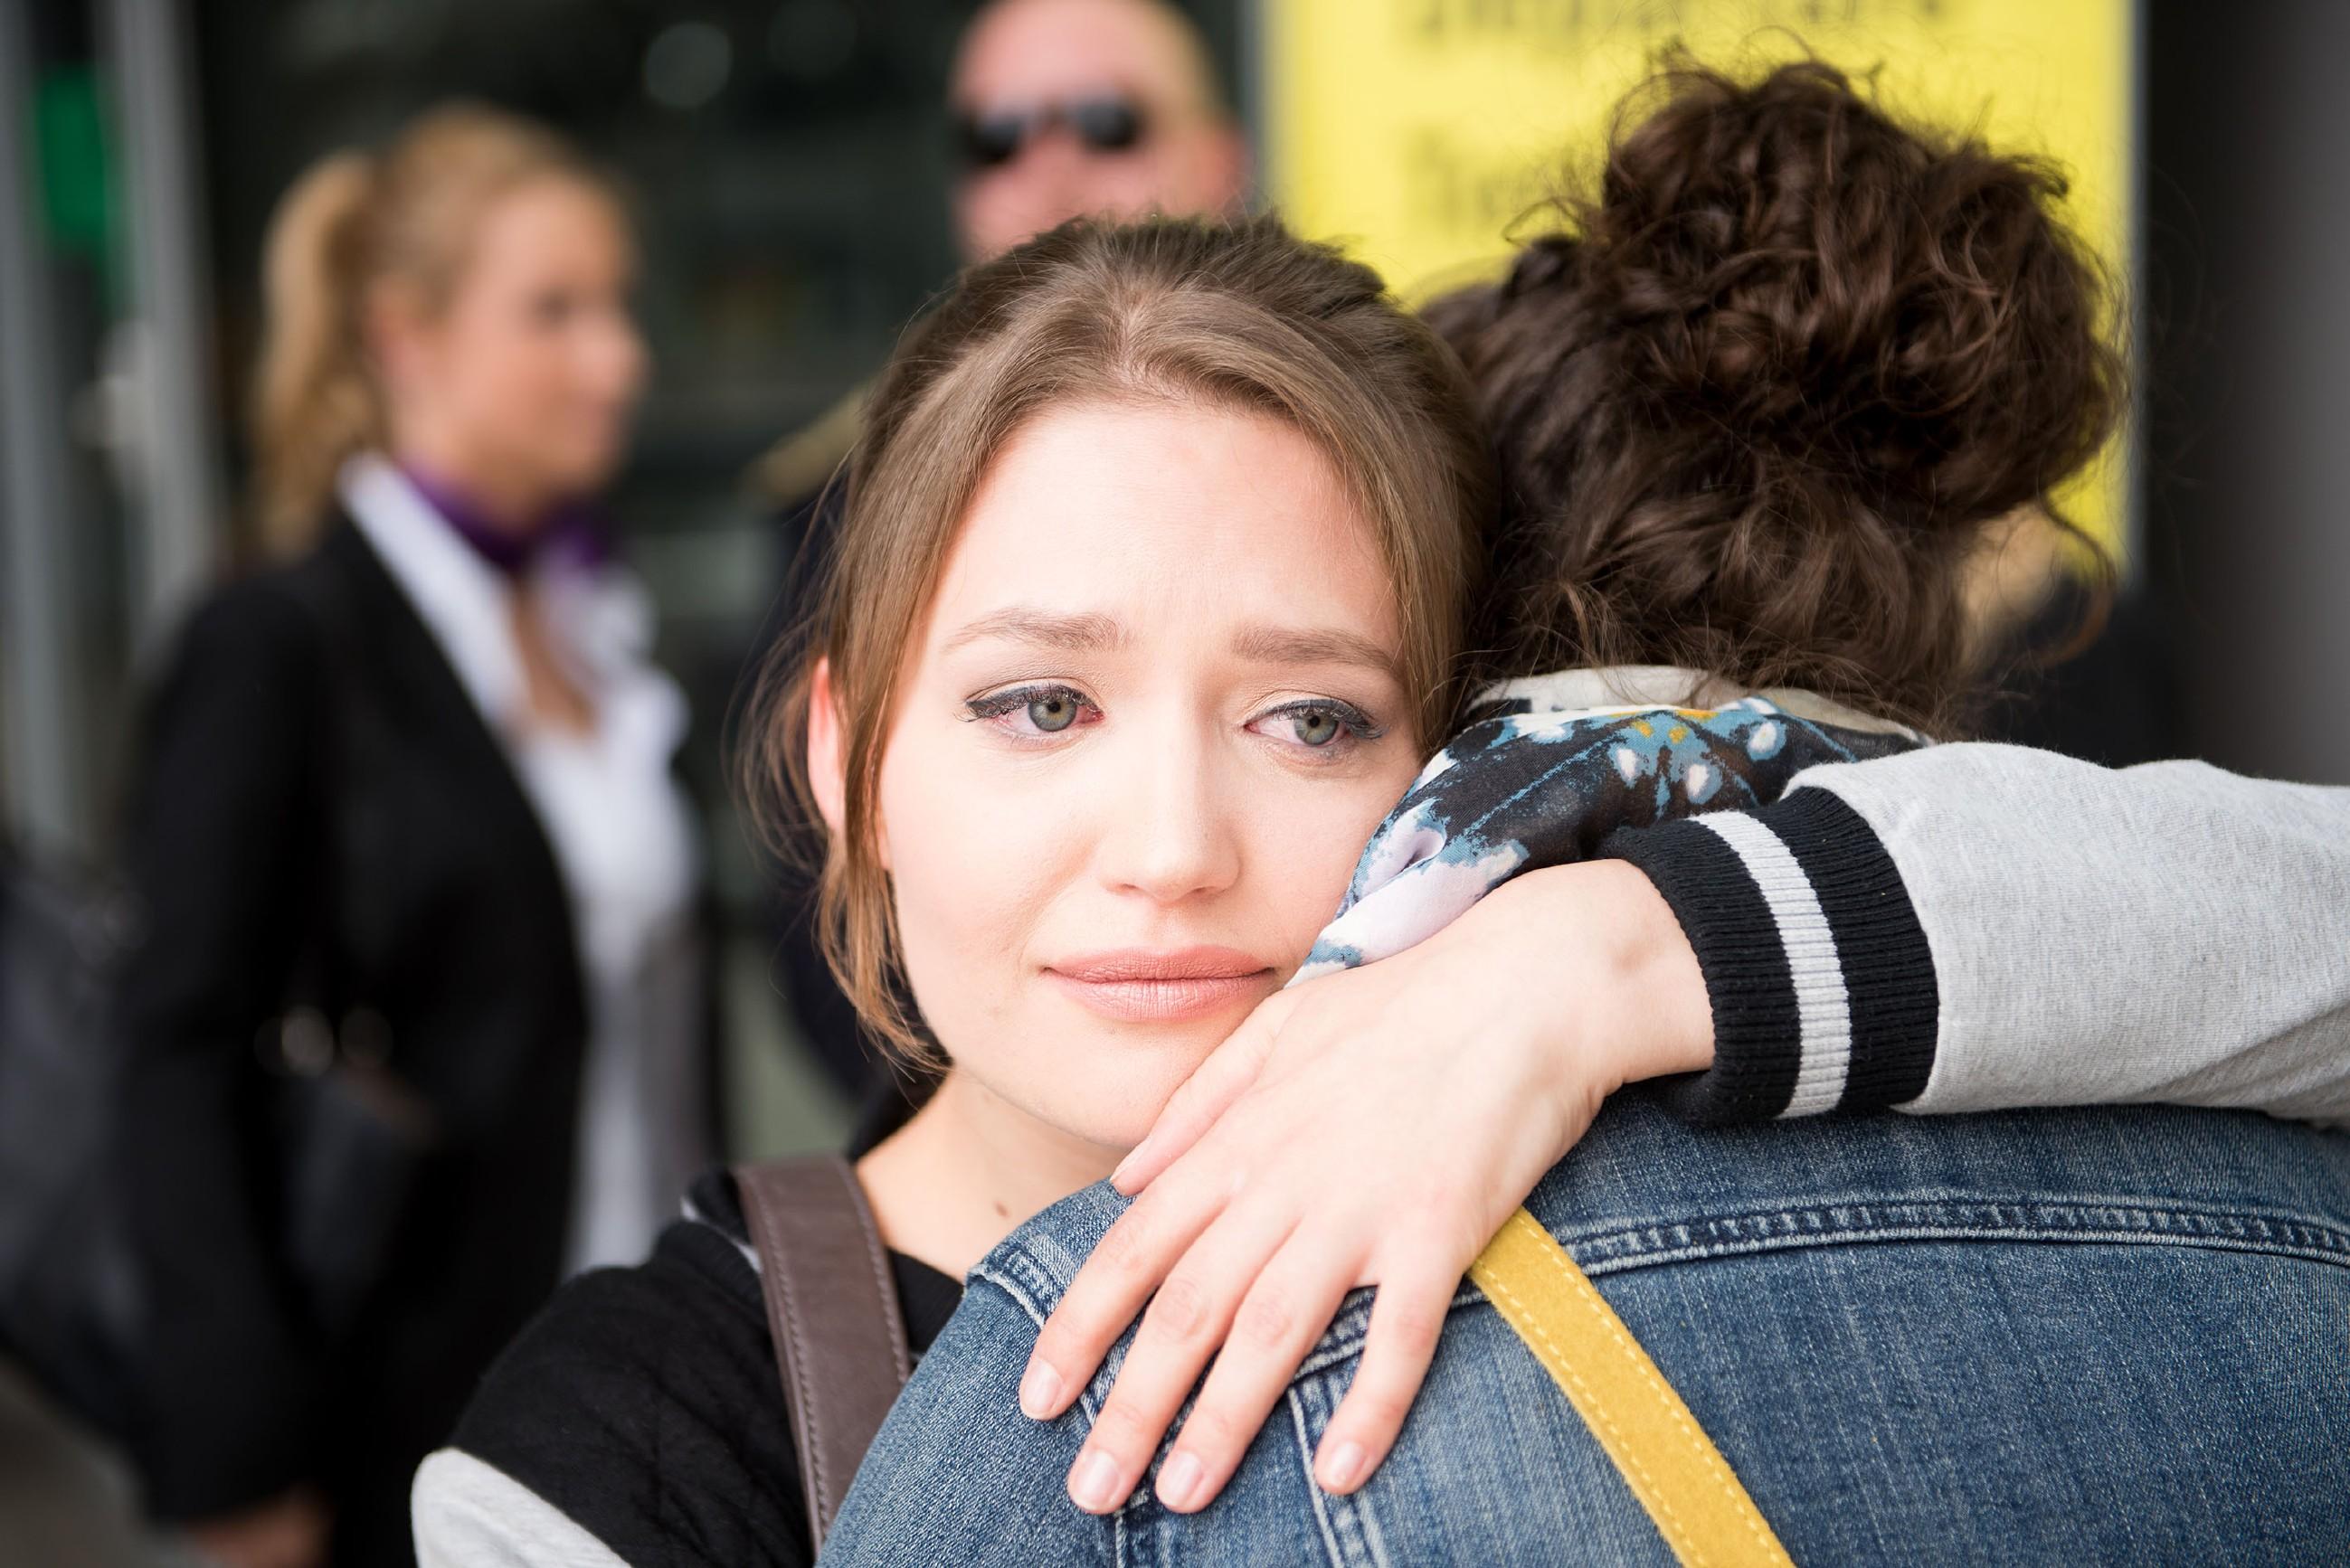 Jule (Amrei Haardt, l.) verabschiedet sich wehmütig von ihrer Mutter Caro (Ines Kurenbach, Rückansicht), um nach Südafrika zu reisen. (Quelle: RTL / Stefan Behrens)